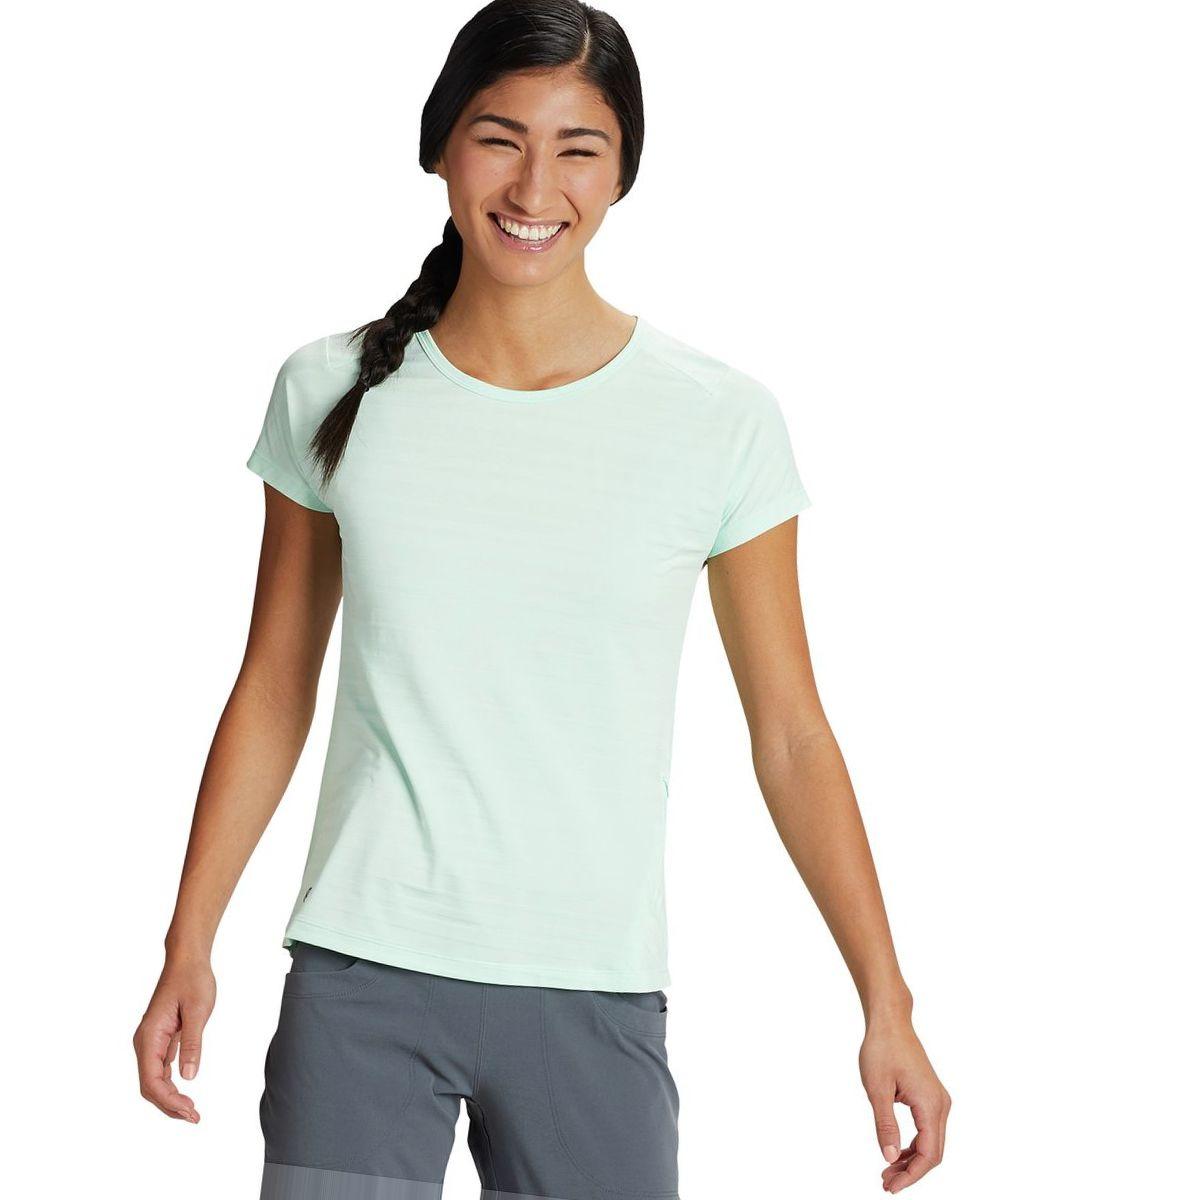 Mountain Hardwear Mighty Stripe Short-Sleeve T-Shirt - Women's